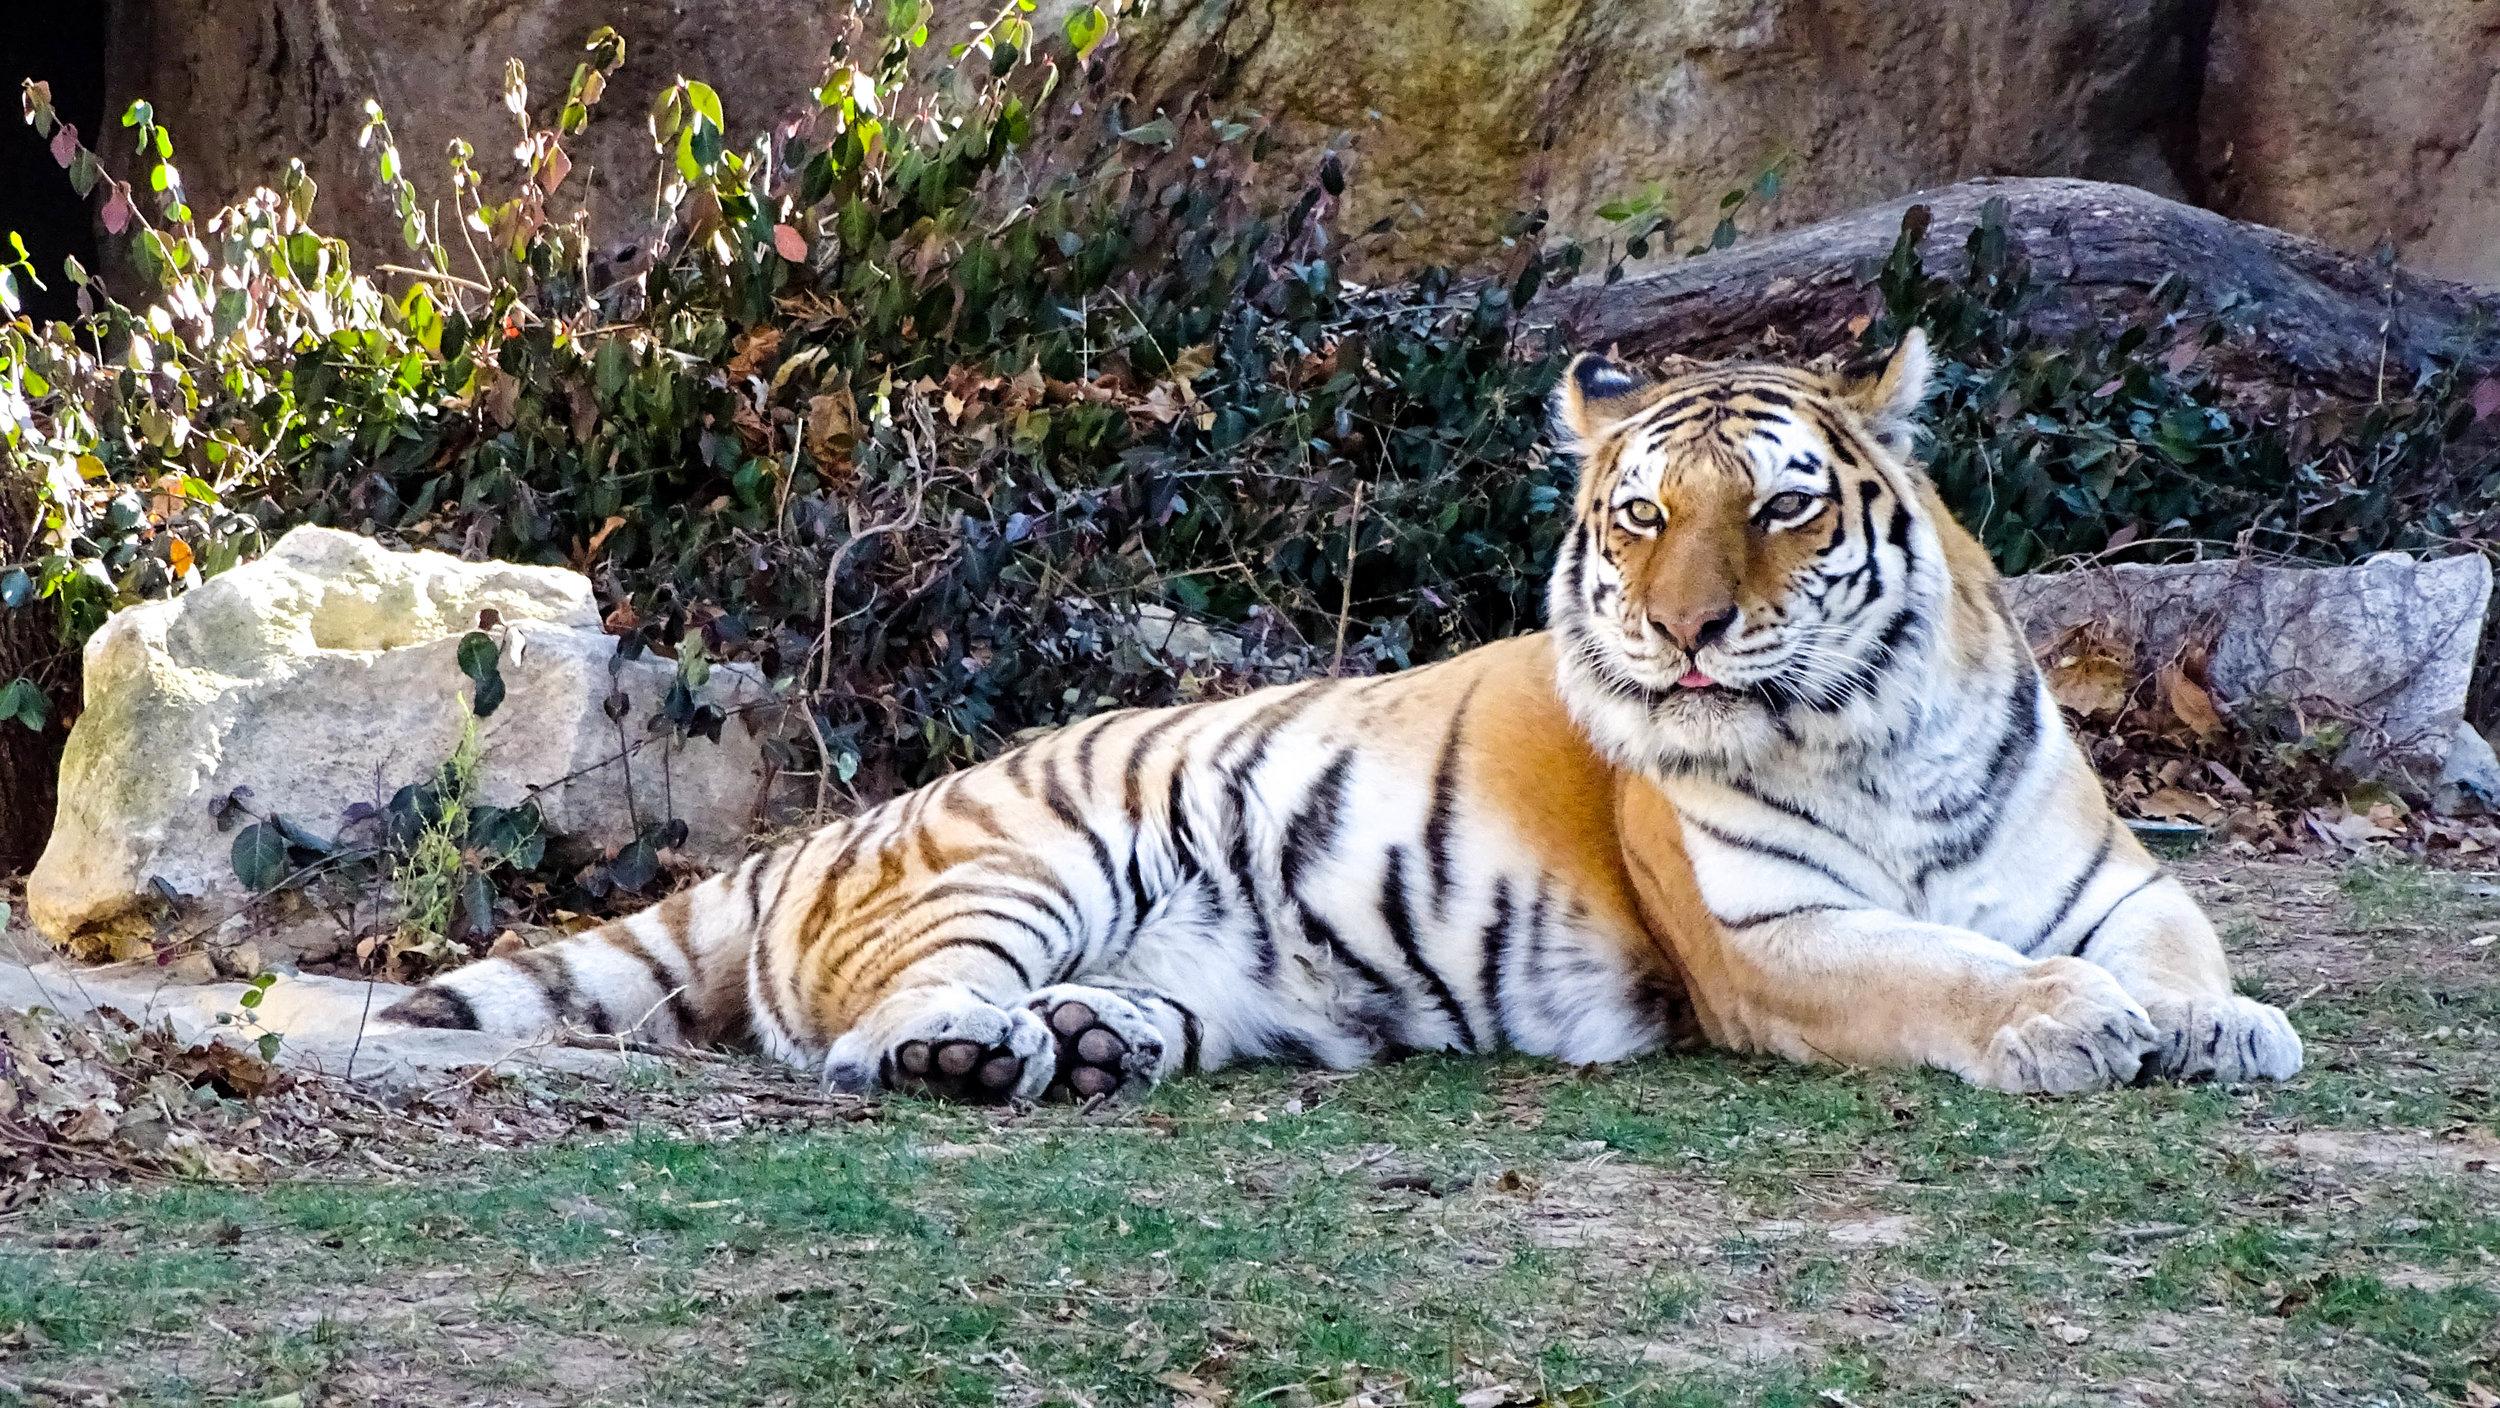 amur tiger 12162017 LR-1816.jpg